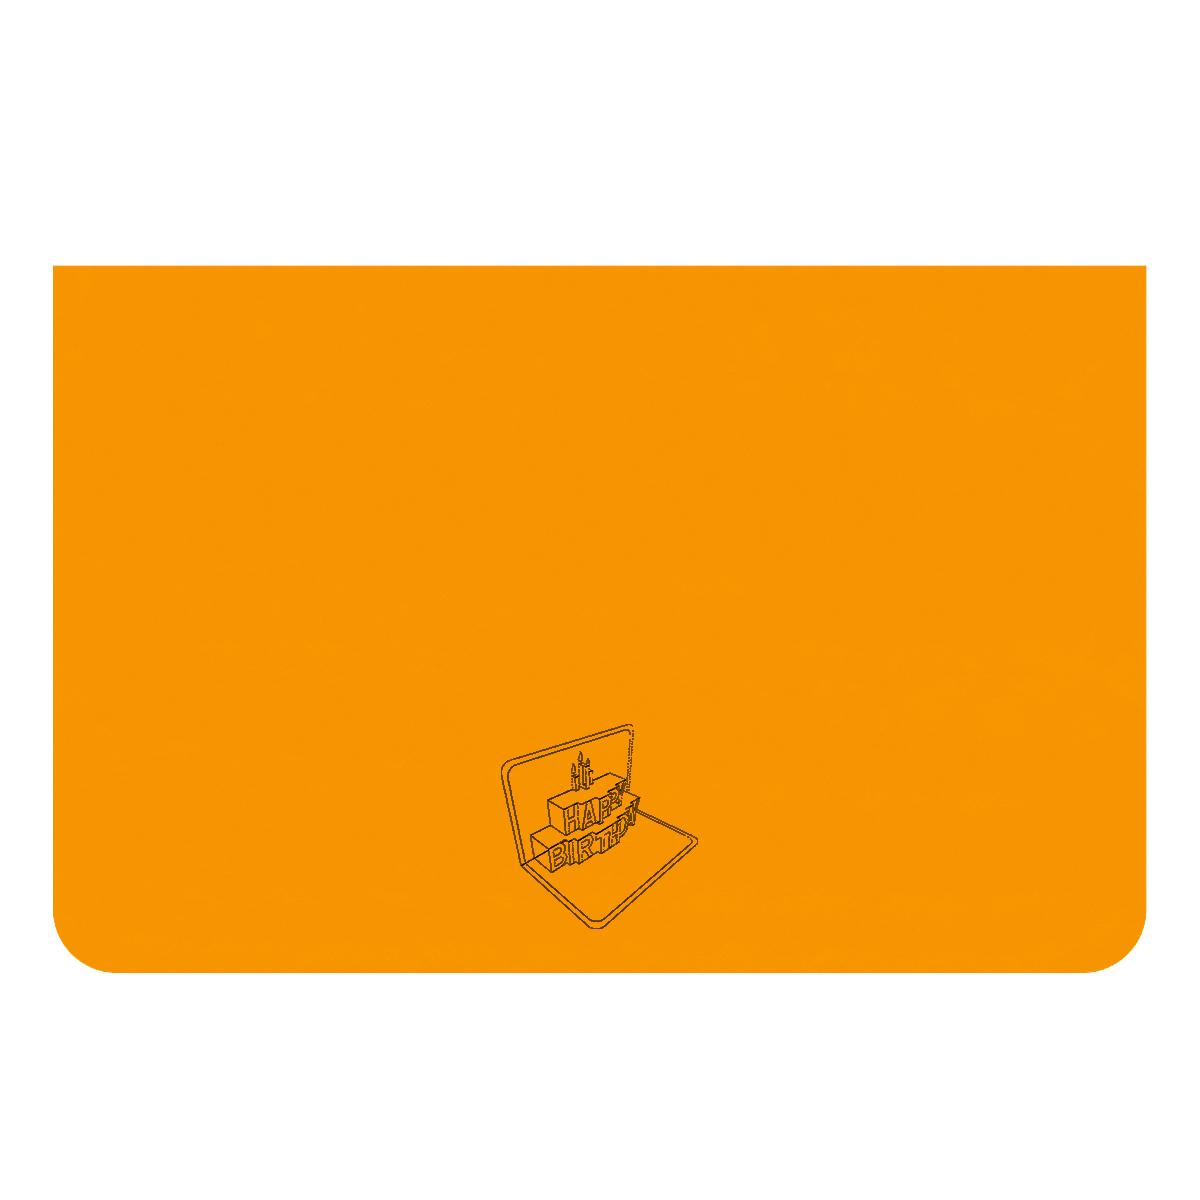 کارت پستال سه بعدی آلتین آی کد H4008